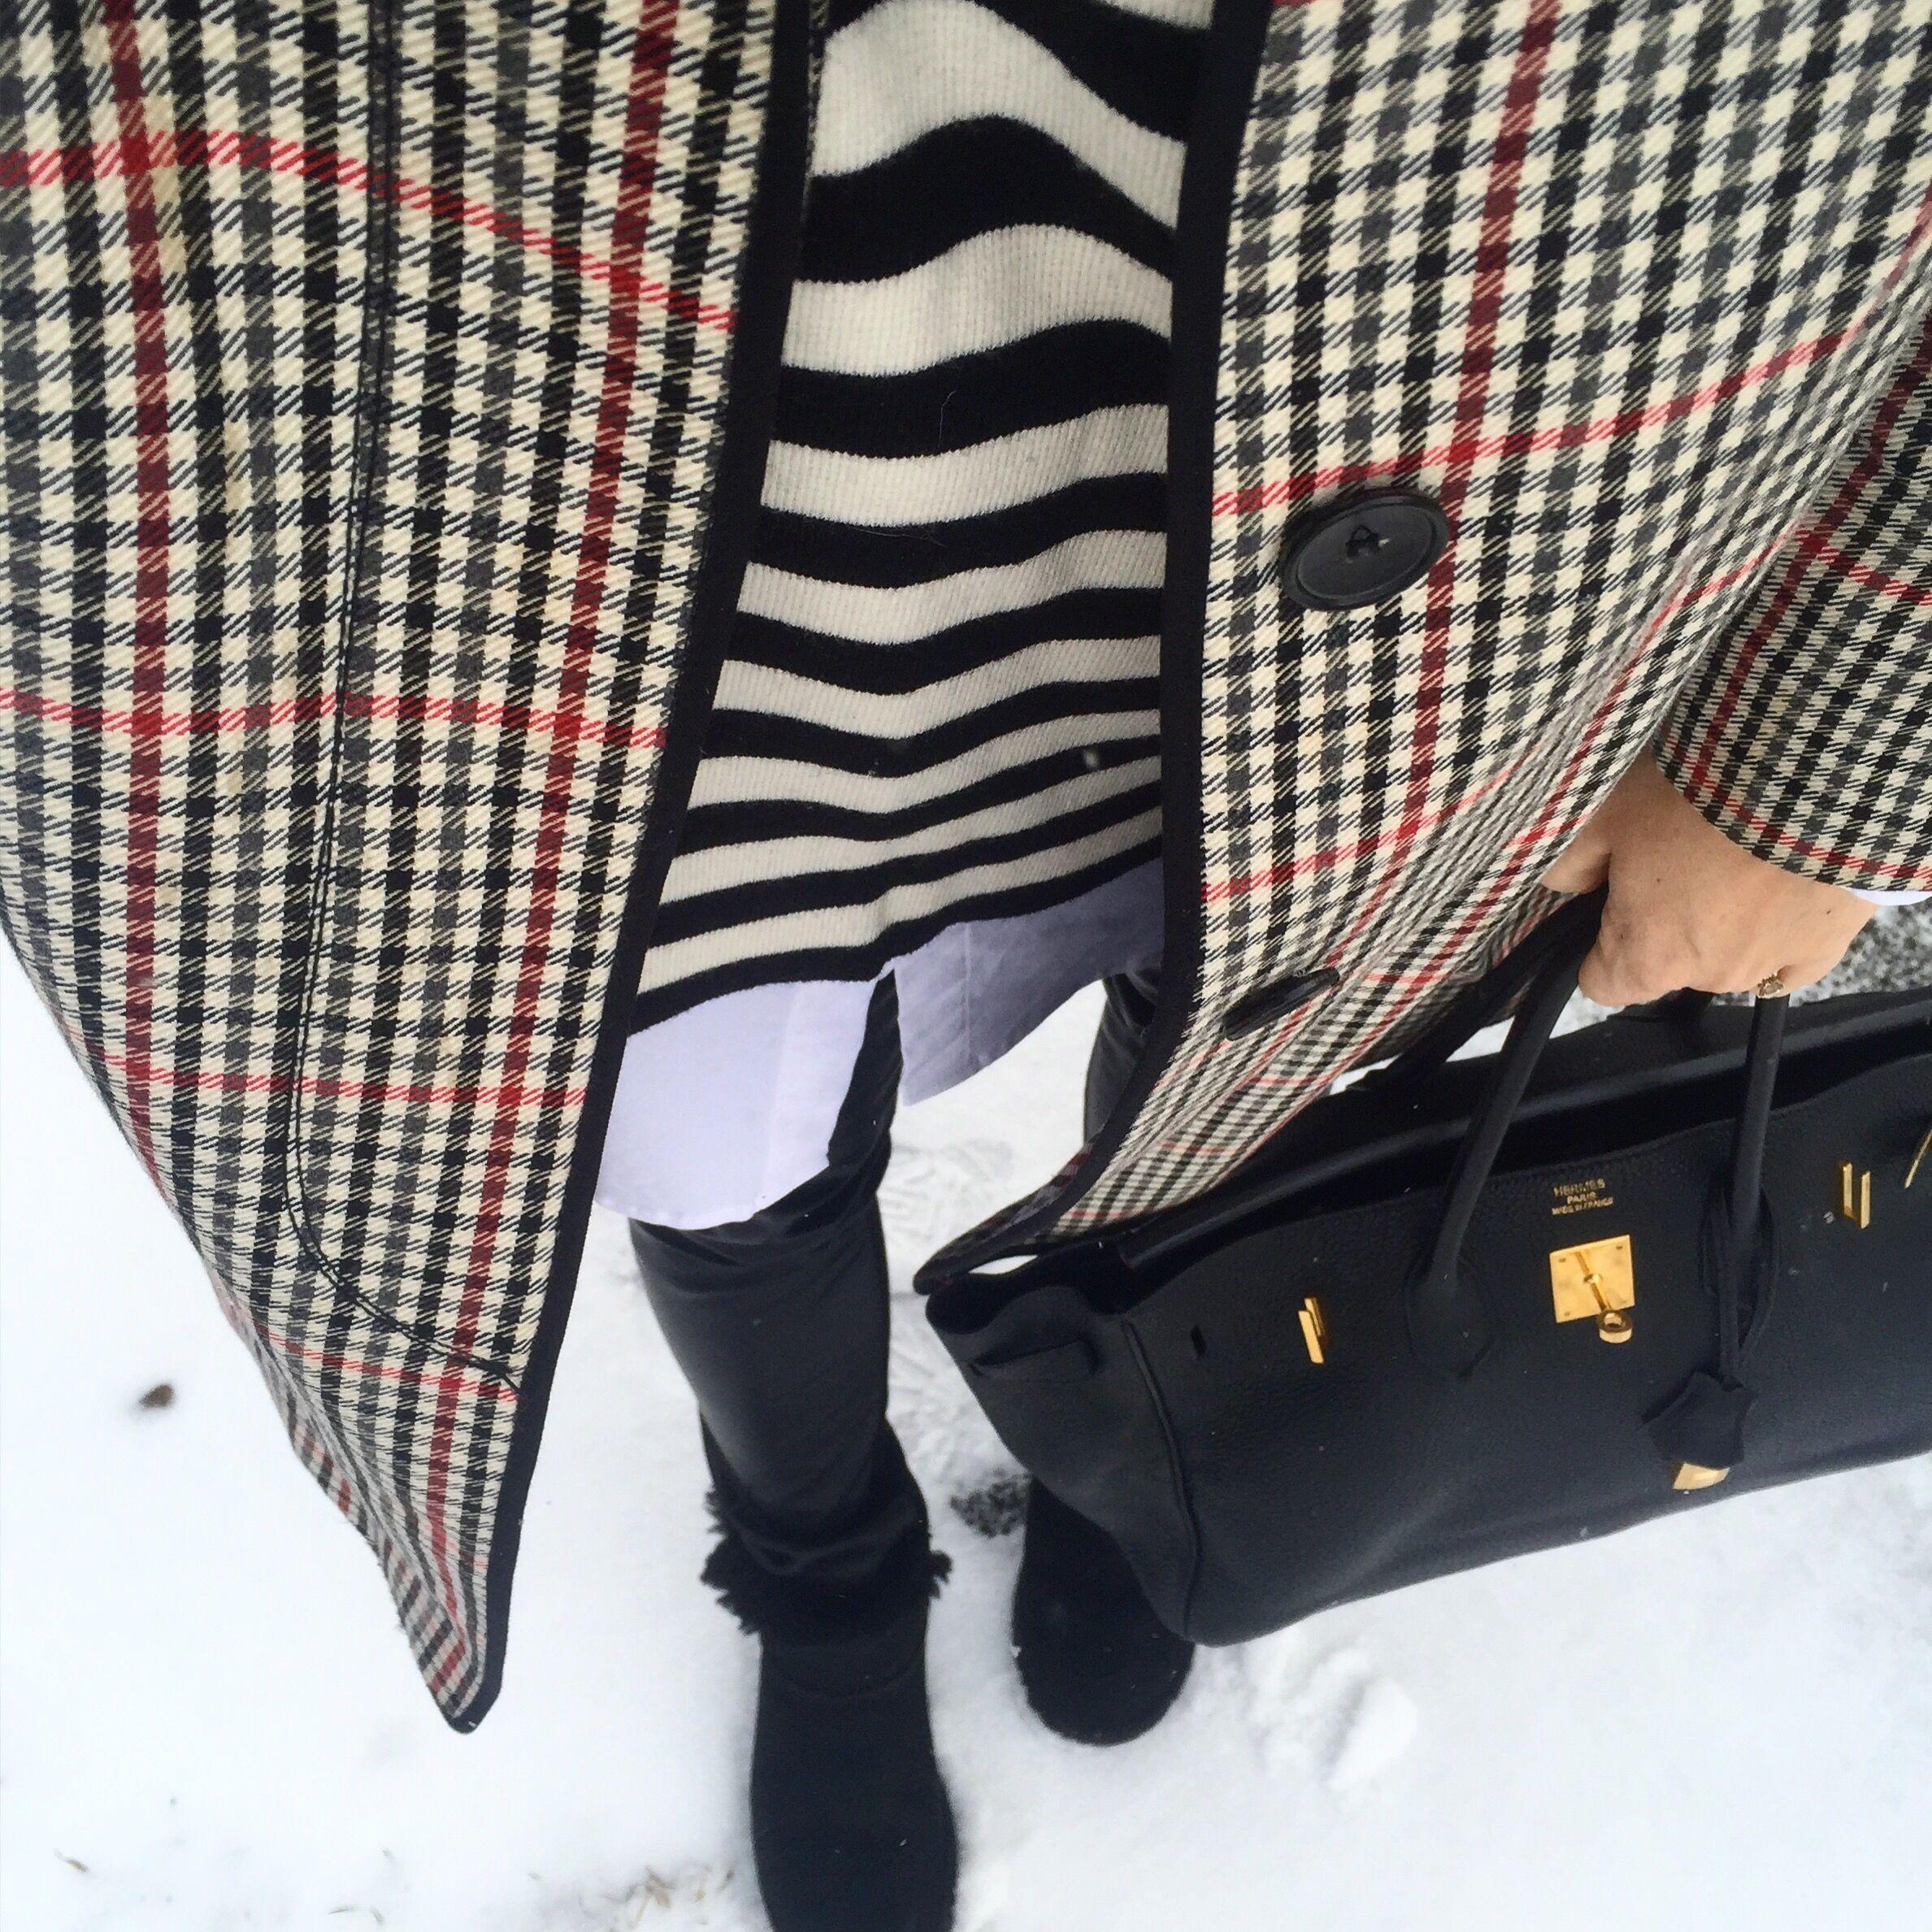 Minikjol, knähöga boots och ny frisyr   Susanne Histrup